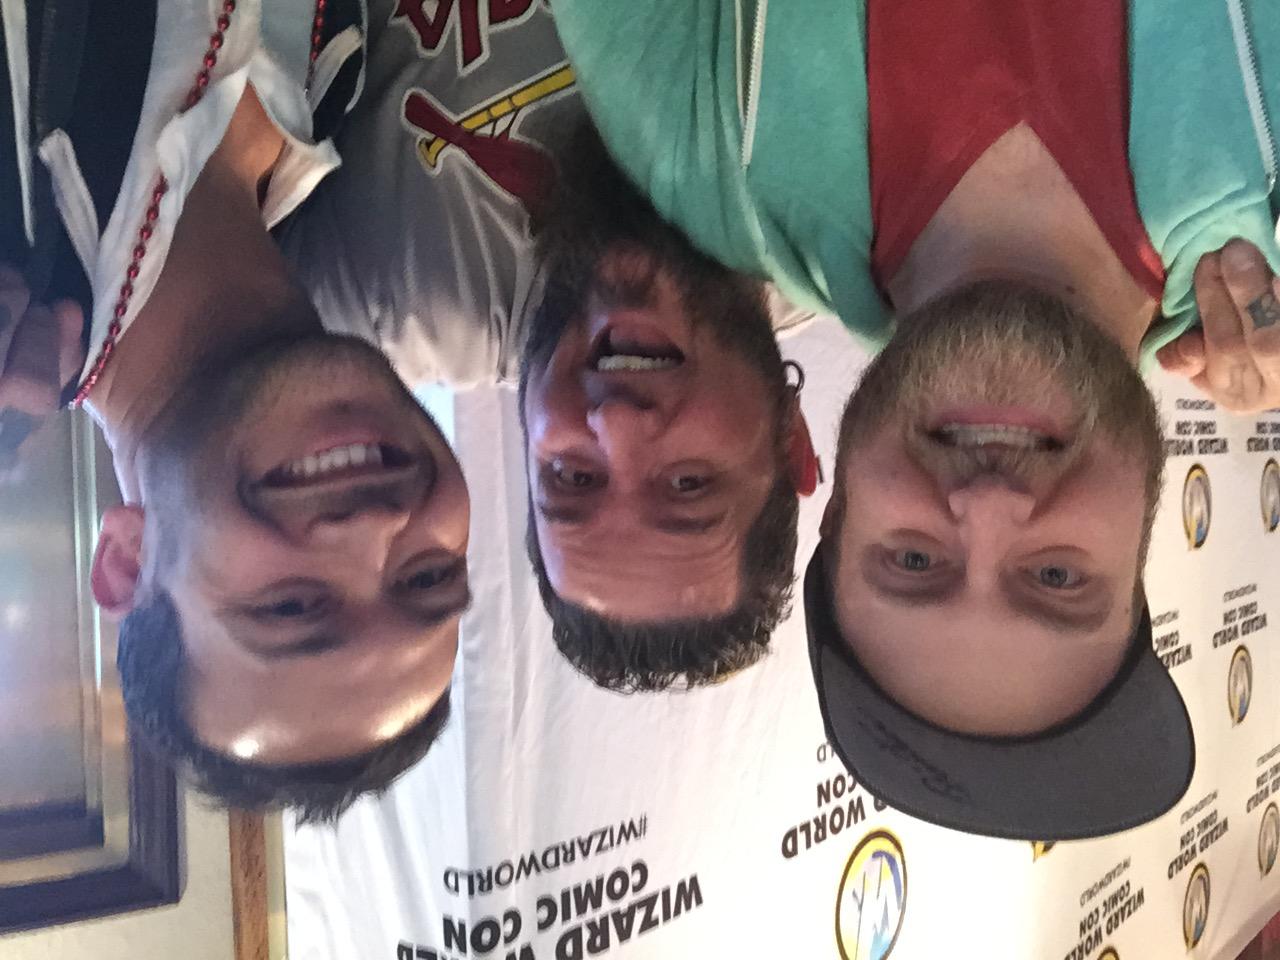 Ryan, Chris51 and Myself